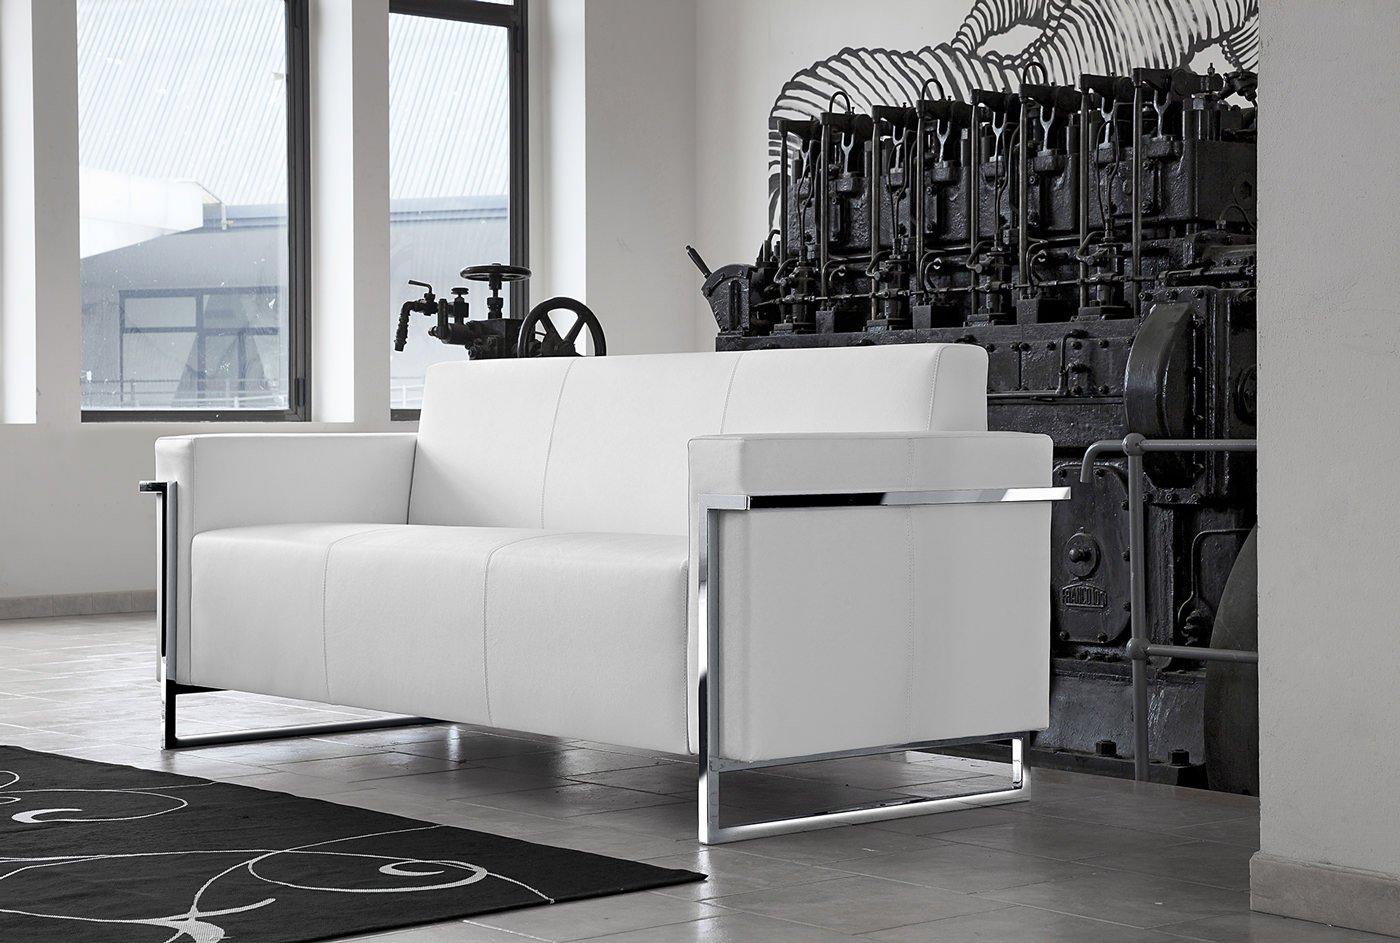 Divani per ufficio for Arredamento divani